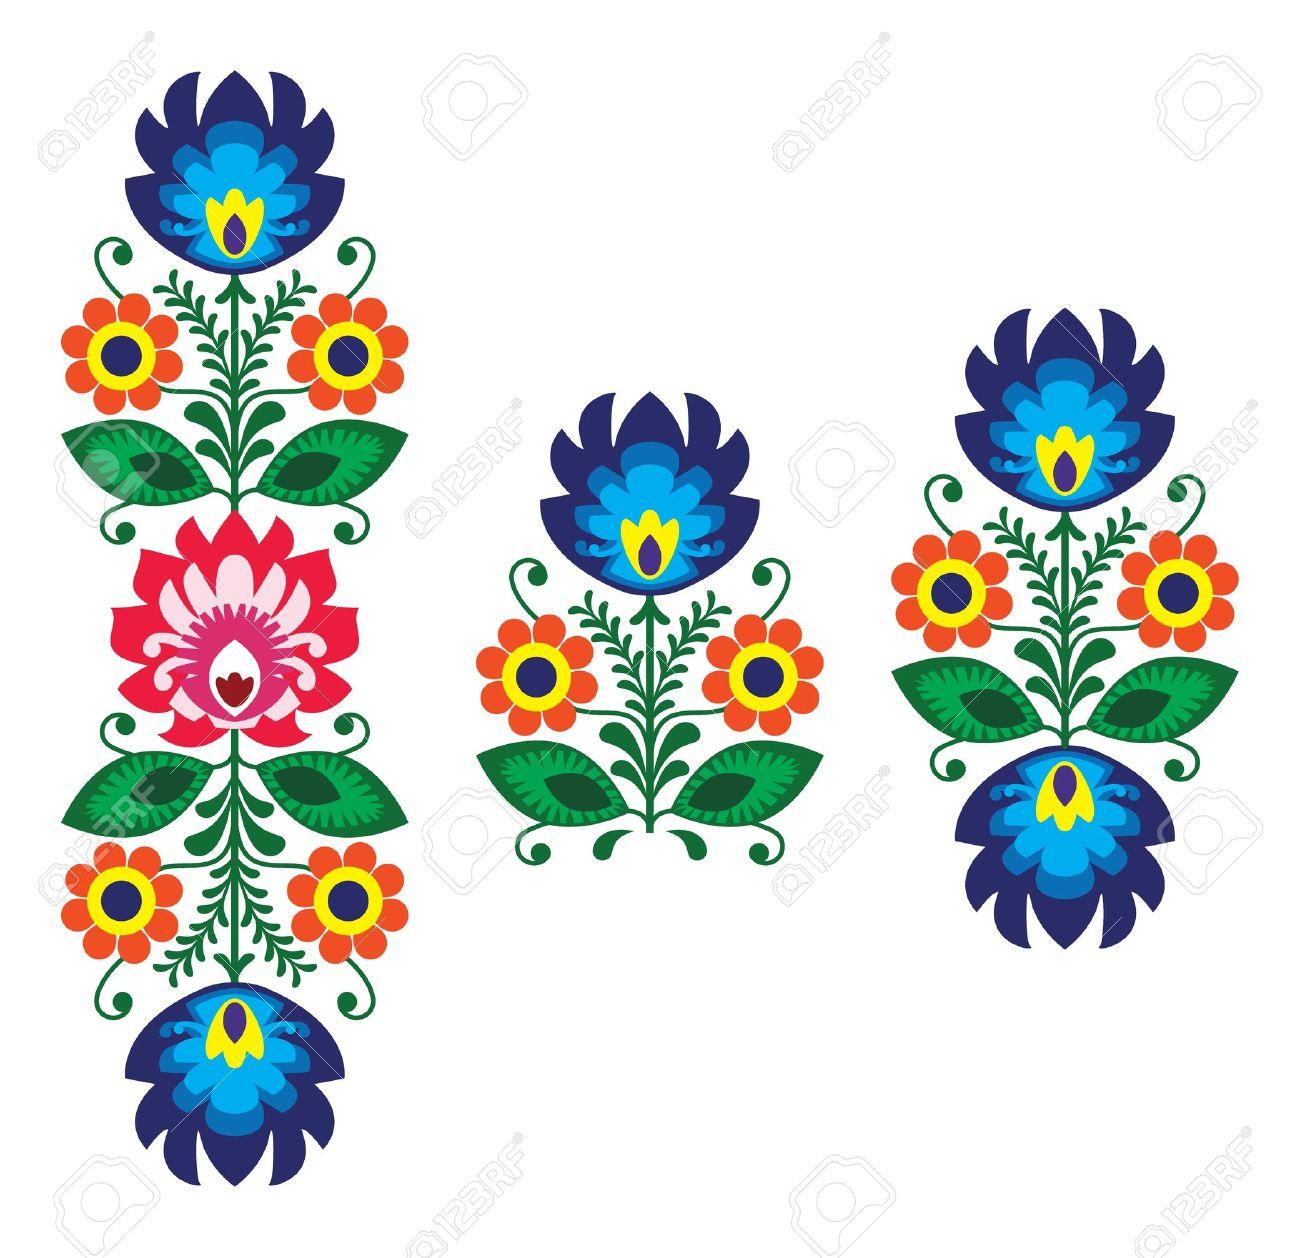 Folk Bordado Con Flores - Patrón Tradicional Polaca Ilustraciones ...